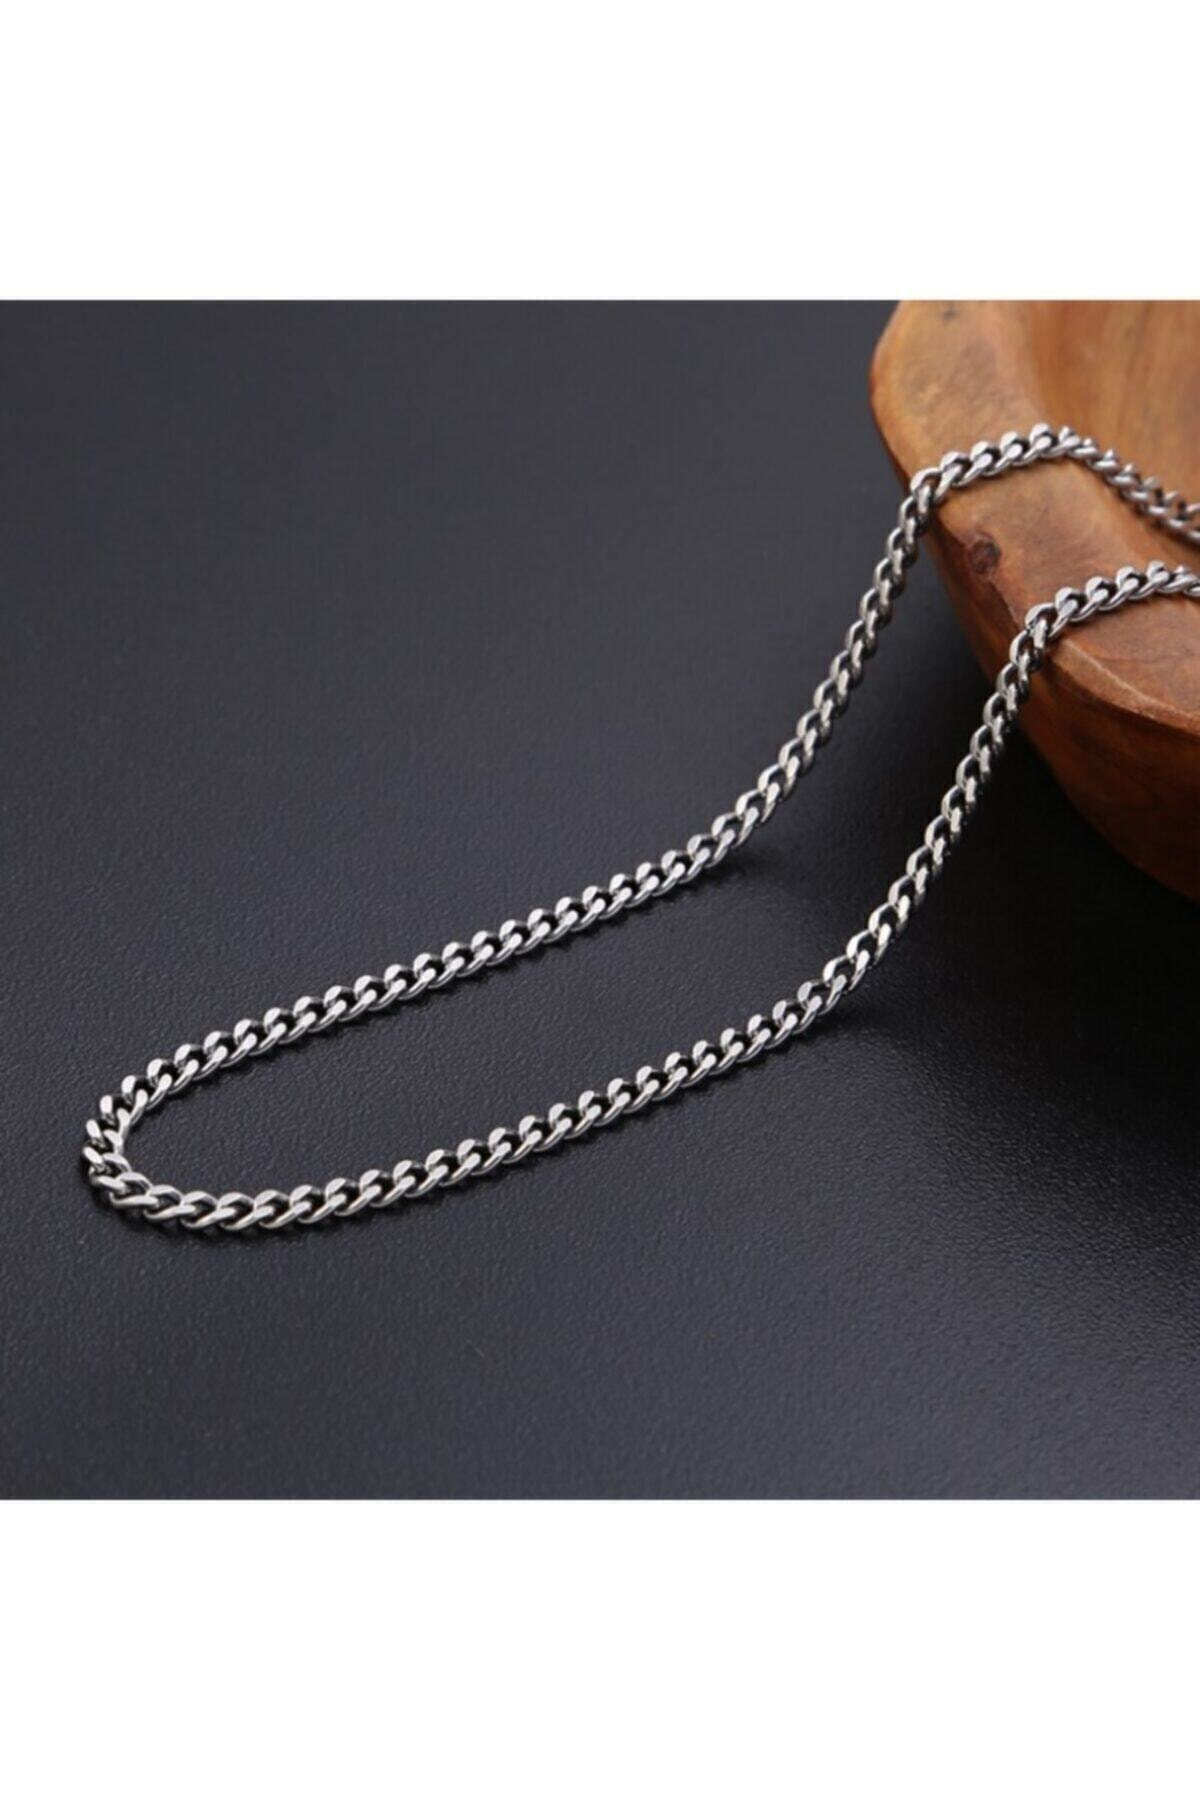 Rupen Kraft Kaliteli Gümüş Modeli Unisex Bakla Kuban Salaş Zincir 70 Cm 118 1